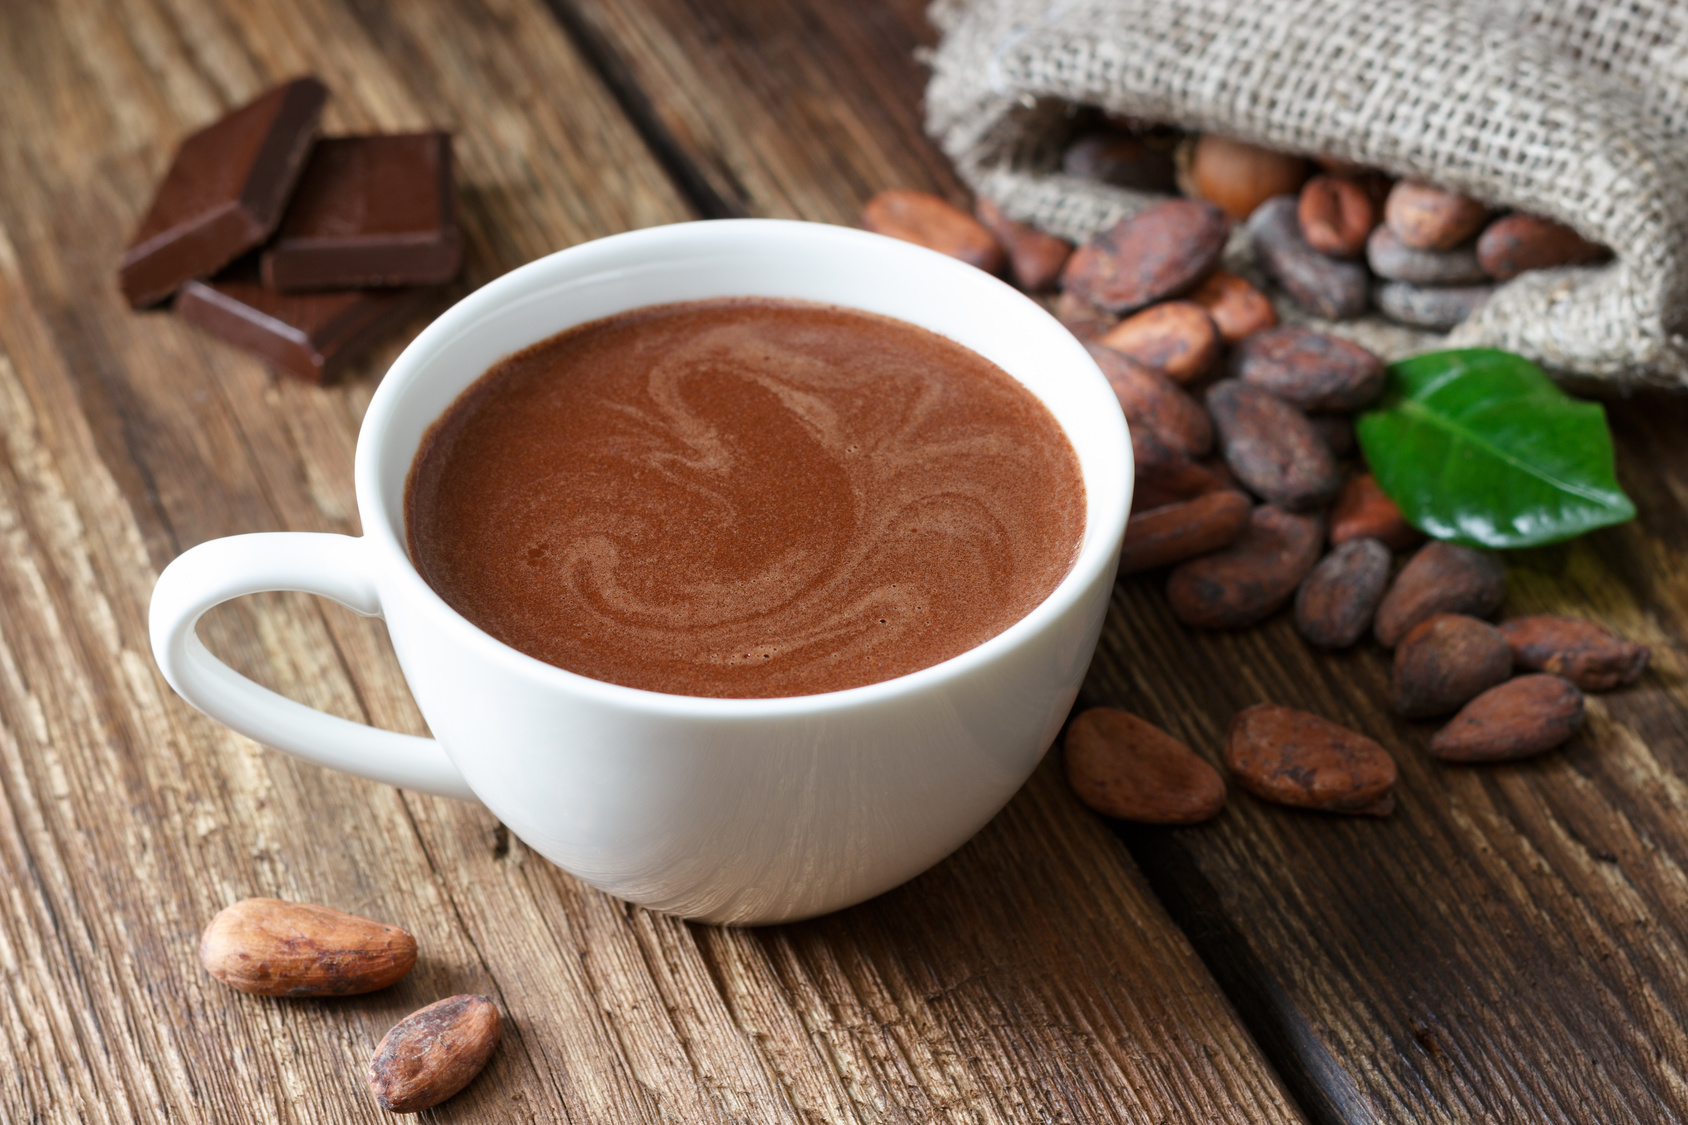 Фото какао горячий.